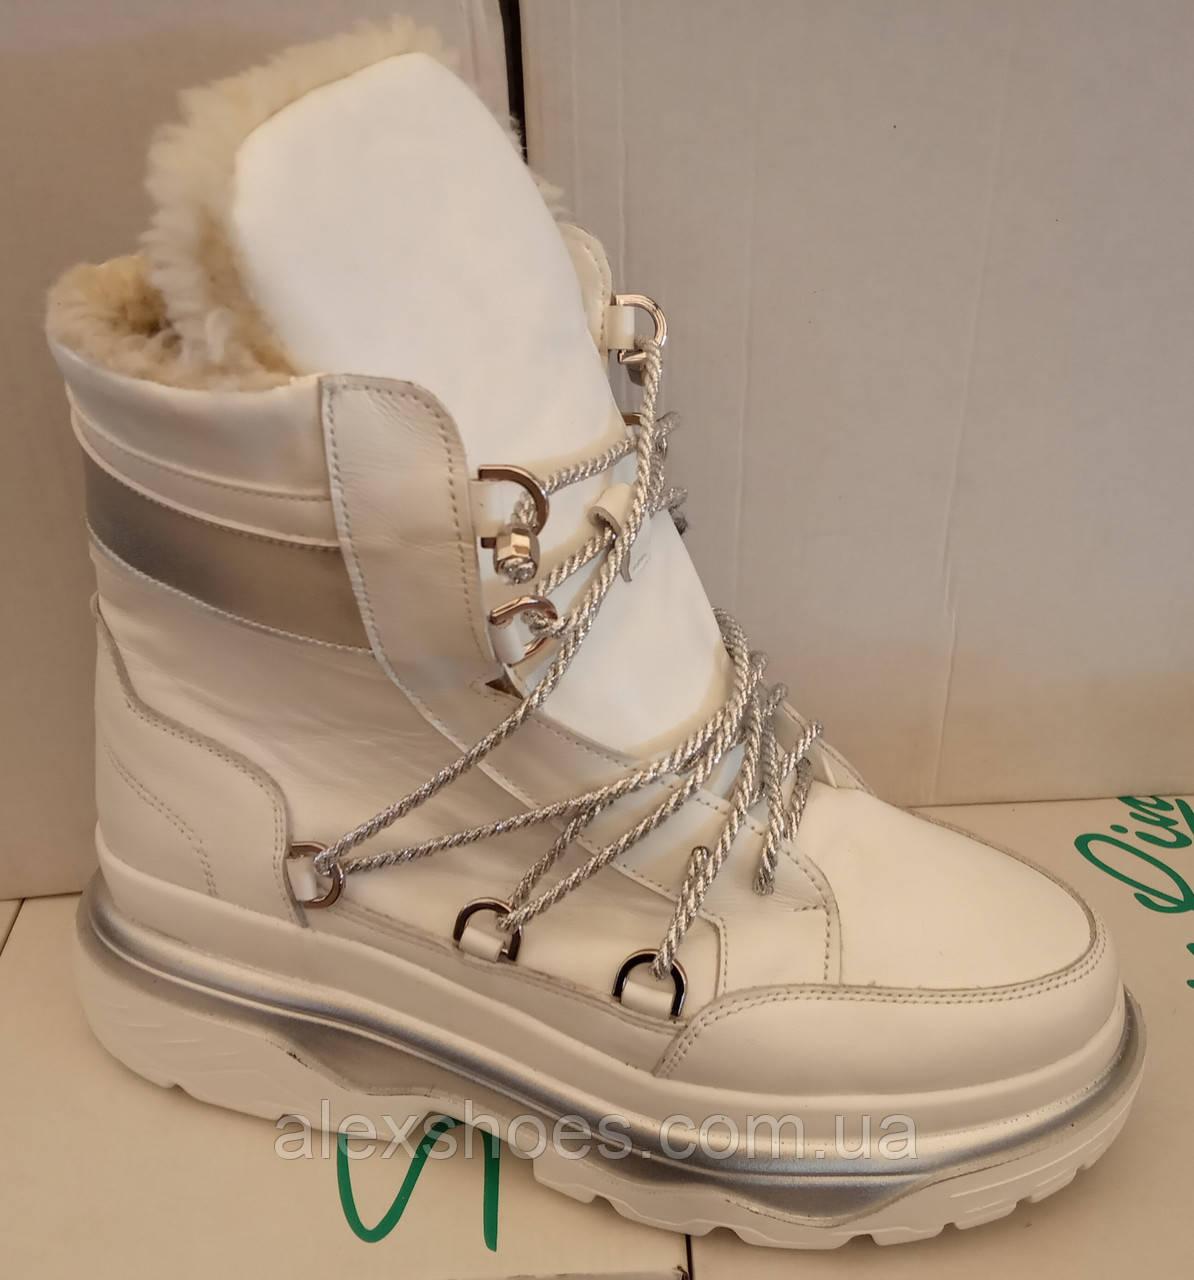 Ботинки луноходы женские зима на толстой подошве из натуральной кожи от производителя ЛИН097